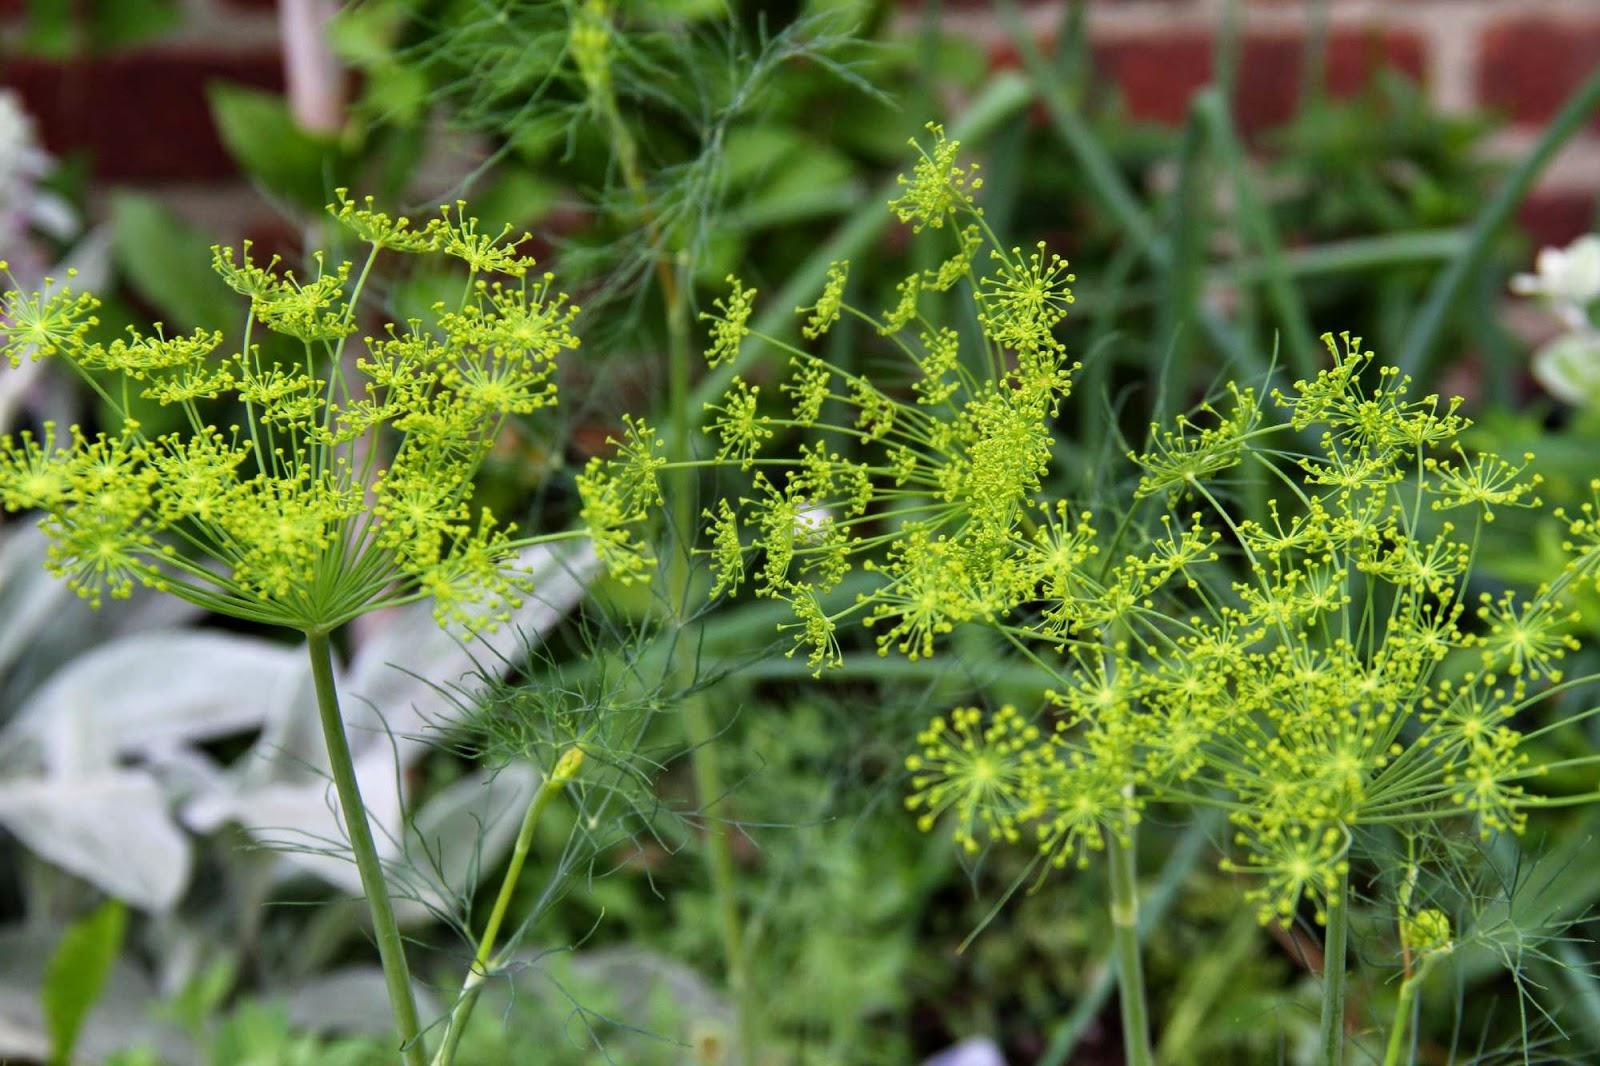 Plante qui aime le soleil le galement appel cactus de nol est une jolie plante grasse qui - Plante qui aime le soleil ...